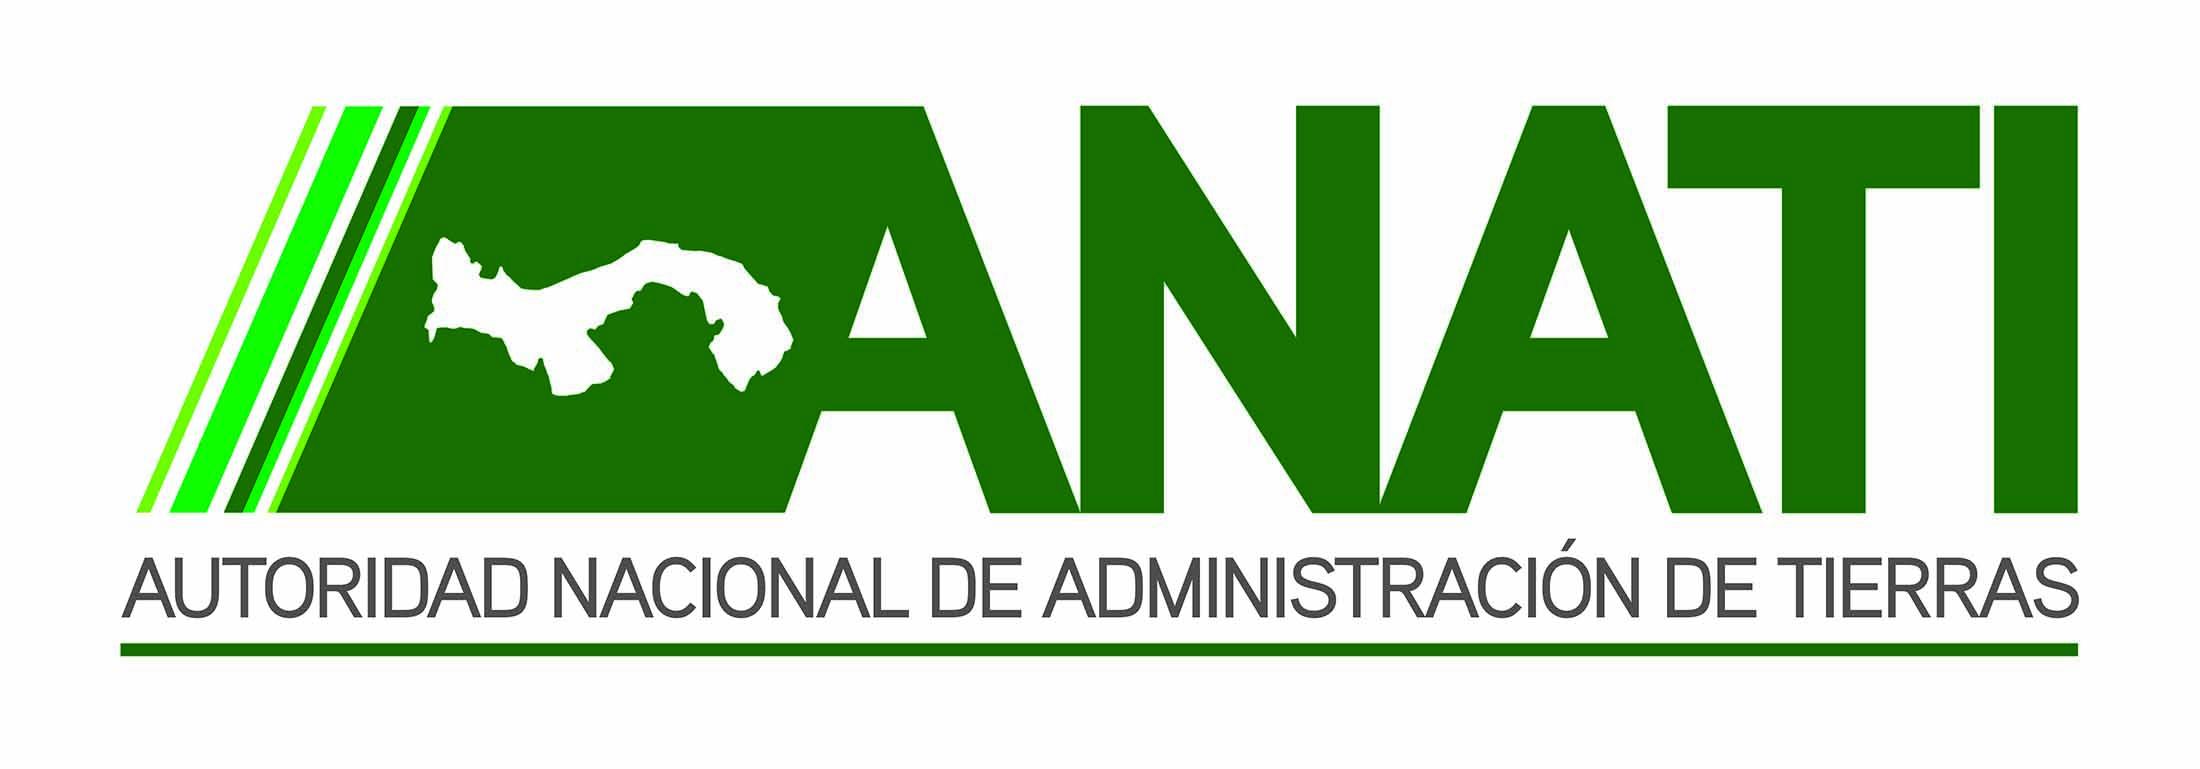 logo Autoridad Nacional de Administración de Tierras